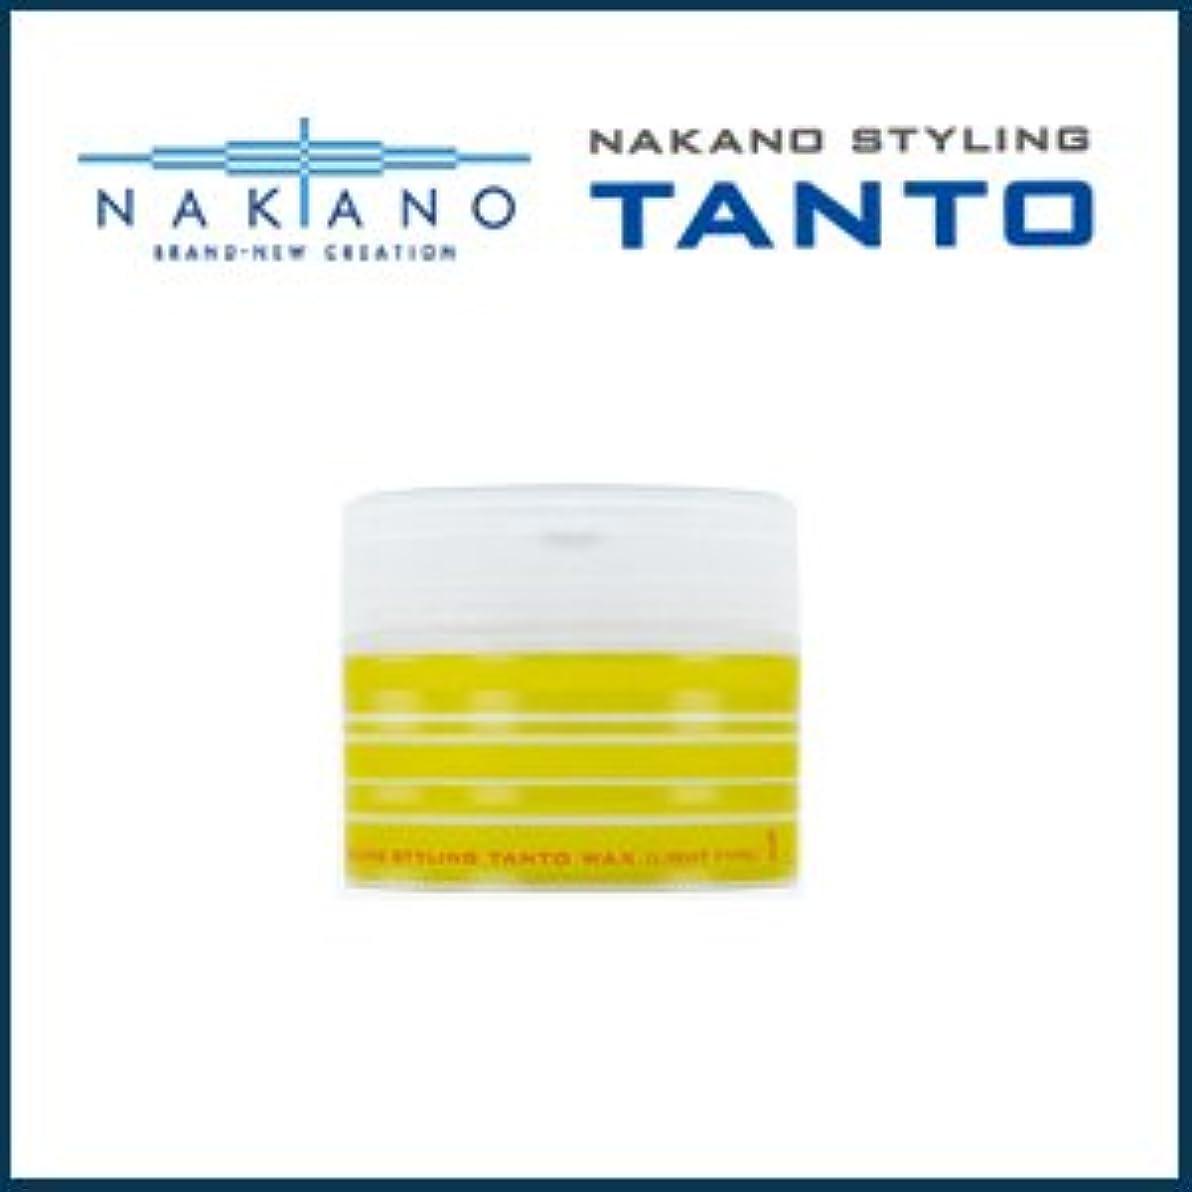 コテージスーパー病んでいるナカノ タント Nワックス 1 ライトタイプ 90g 容器入り